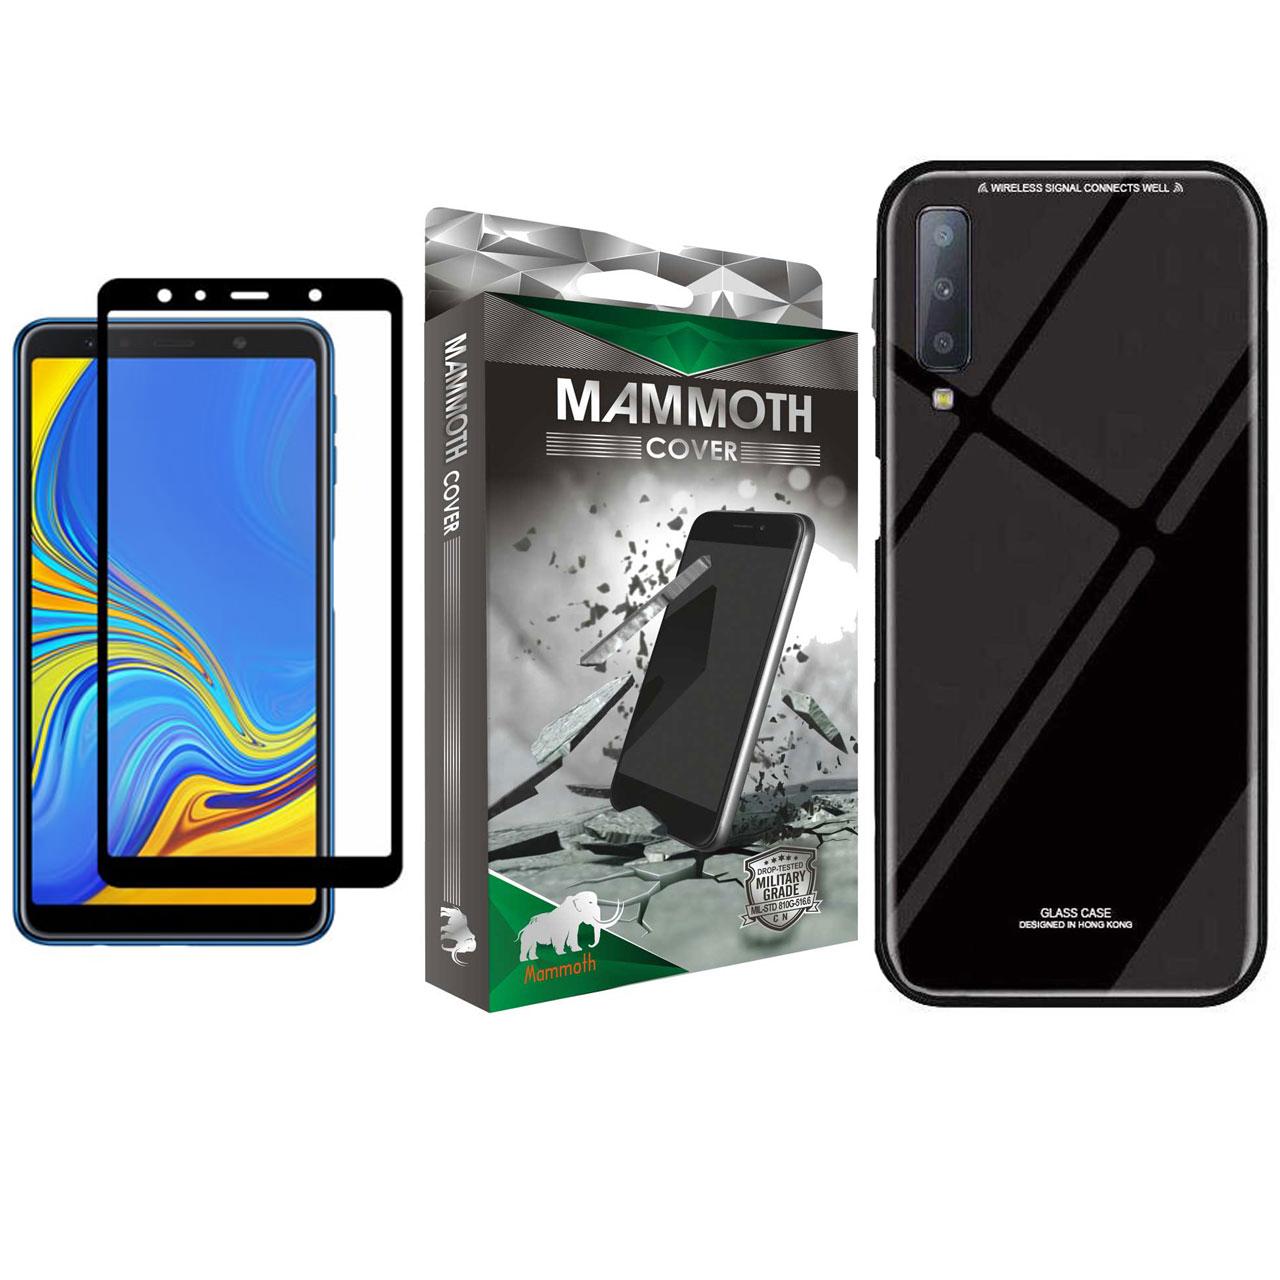 کاور ماموت مدل PGMA مناسب برای گوشی موبایل سامسونگ Galaxy A7 2018 به همراه محافظ صفحه نمایش